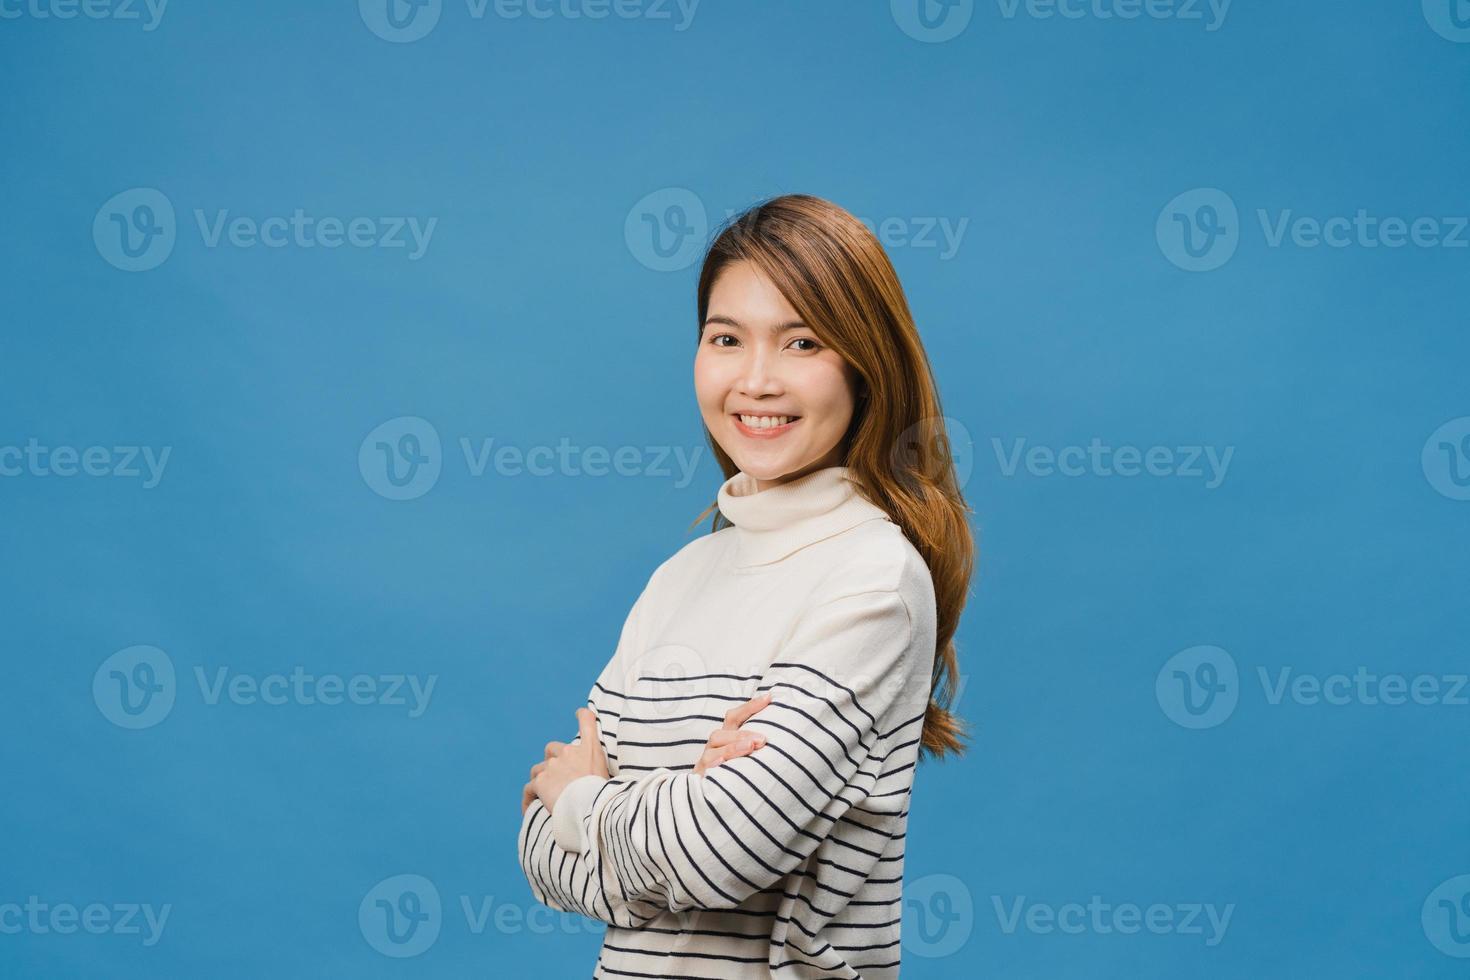 Retrato de una joven asiática con expresión positiva, con los brazos cruzados, una amplia sonrisa, vestida con ropa informal y mirando a la cámara sobre fondo azul. feliz adorable mujer alegre se regocija con el éxito. foto